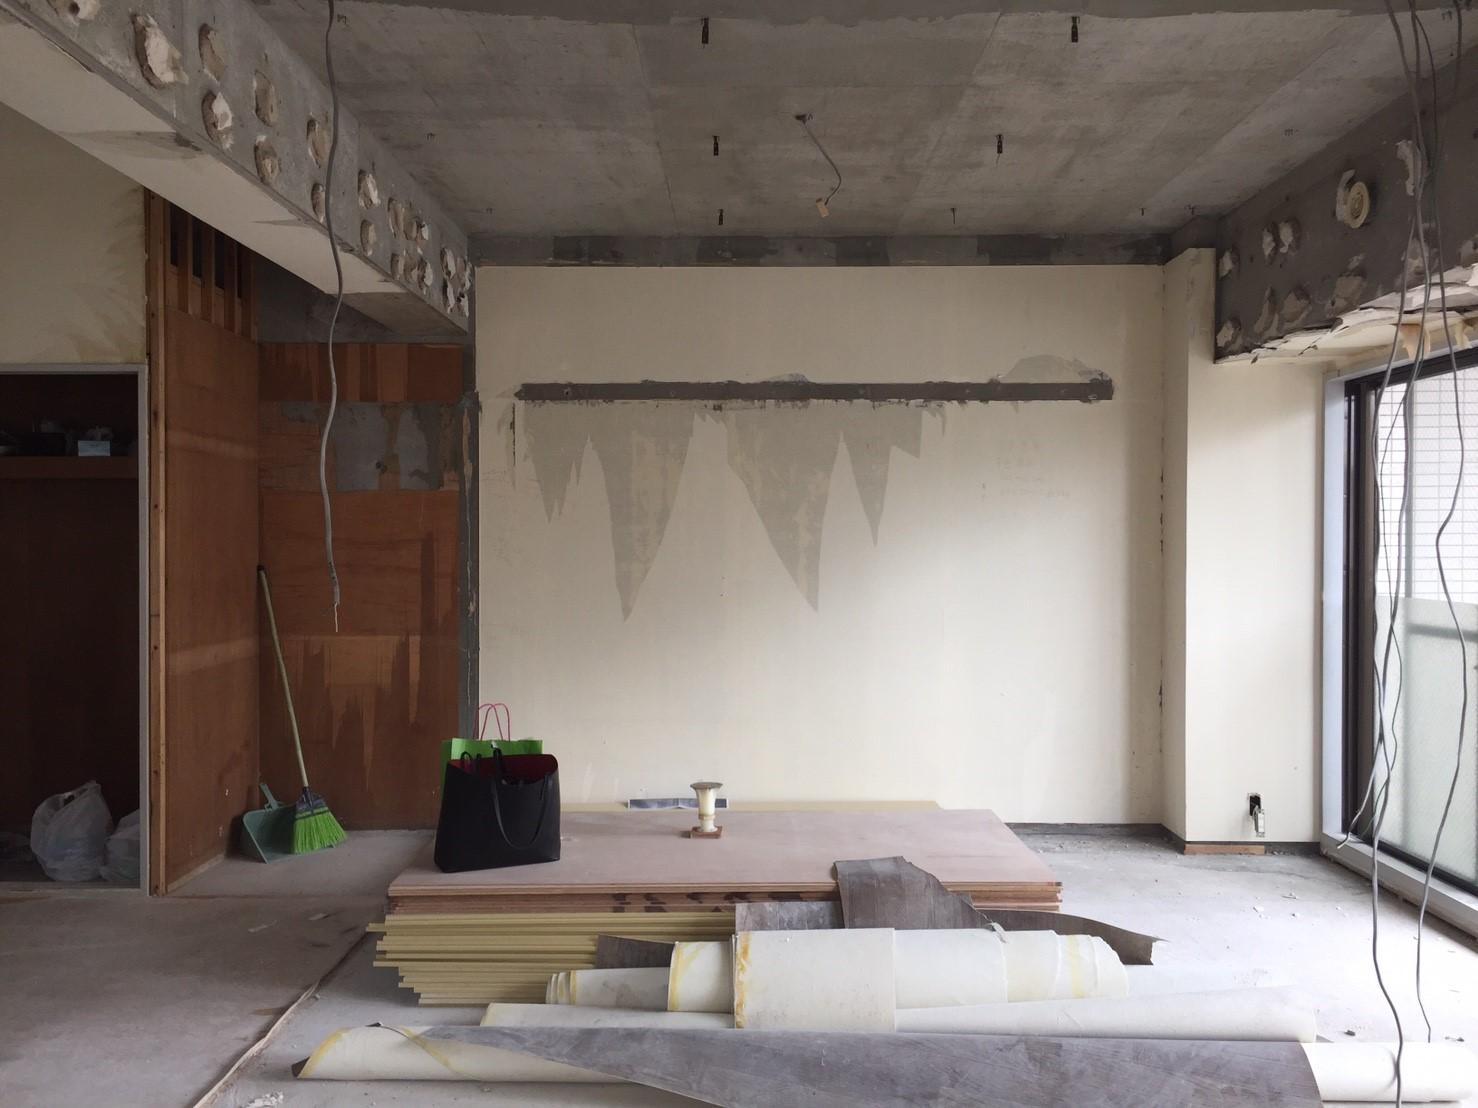 間仕切り壁の撤去後_その3 《 AsiaHome(エイジアホーム)移転に伴うリノベーション工事 》